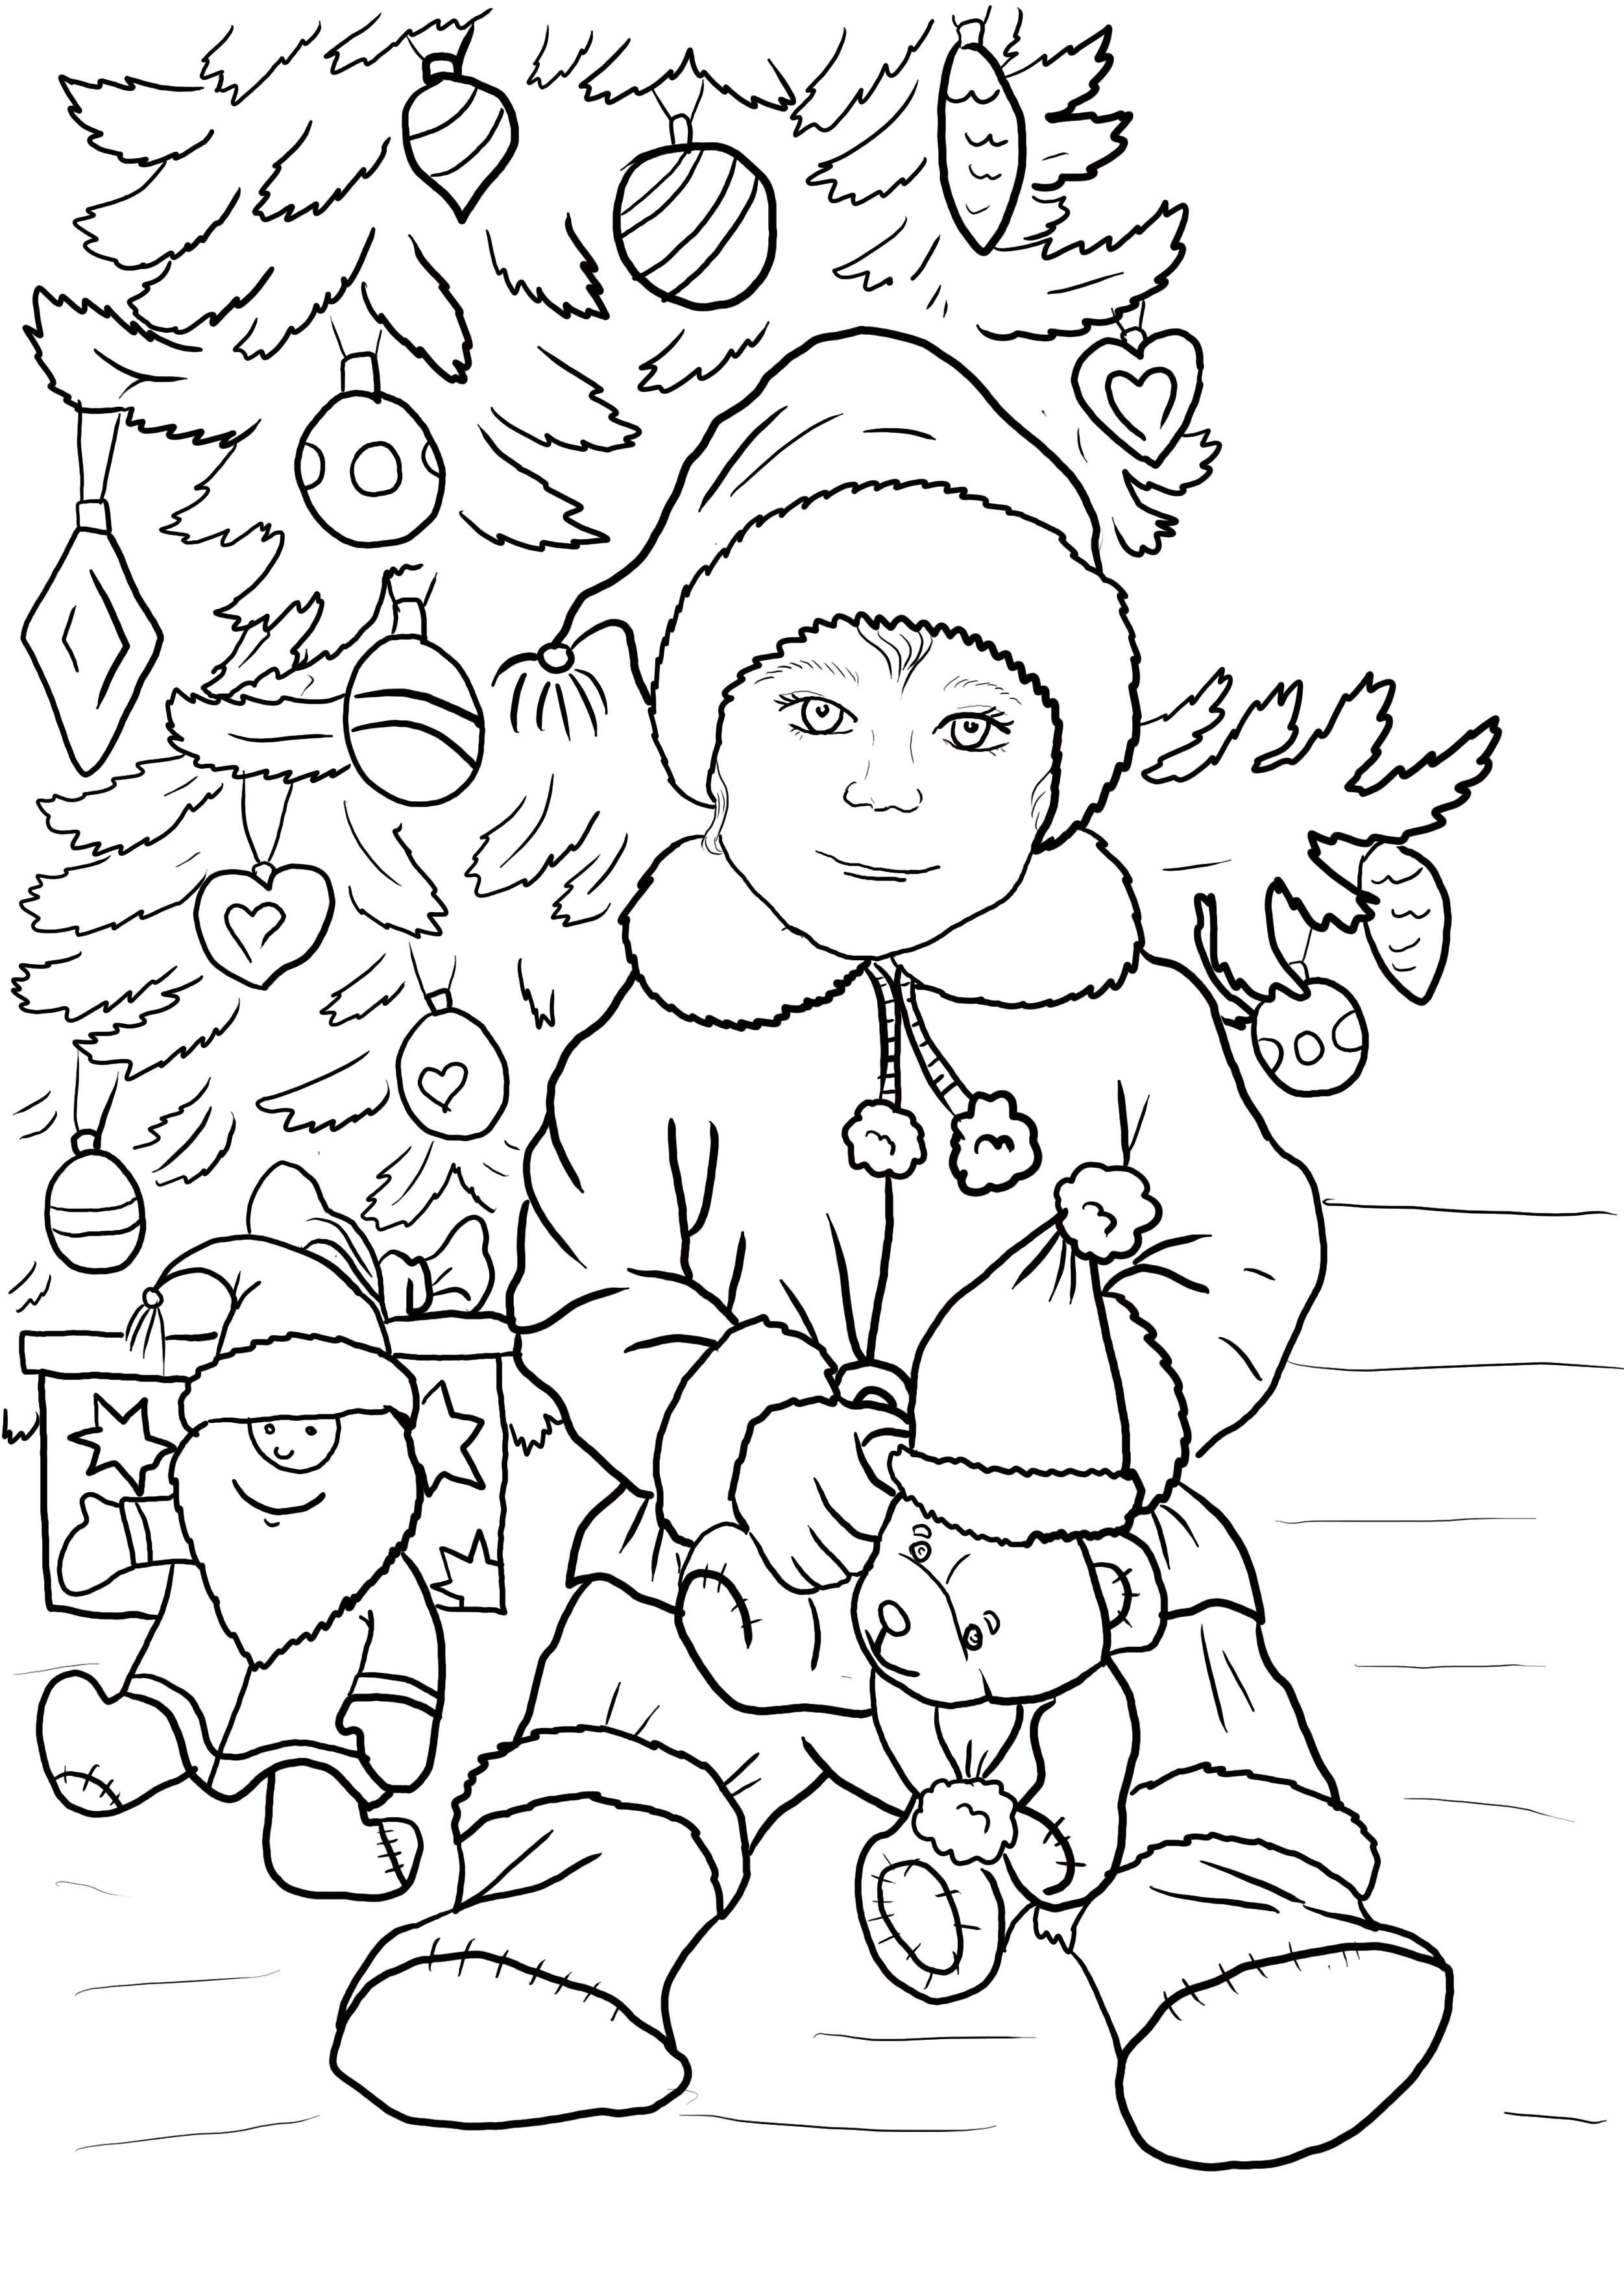 Раскраска мальчик сидит около елки. Скачать новогодние.  Распечатать новогодние